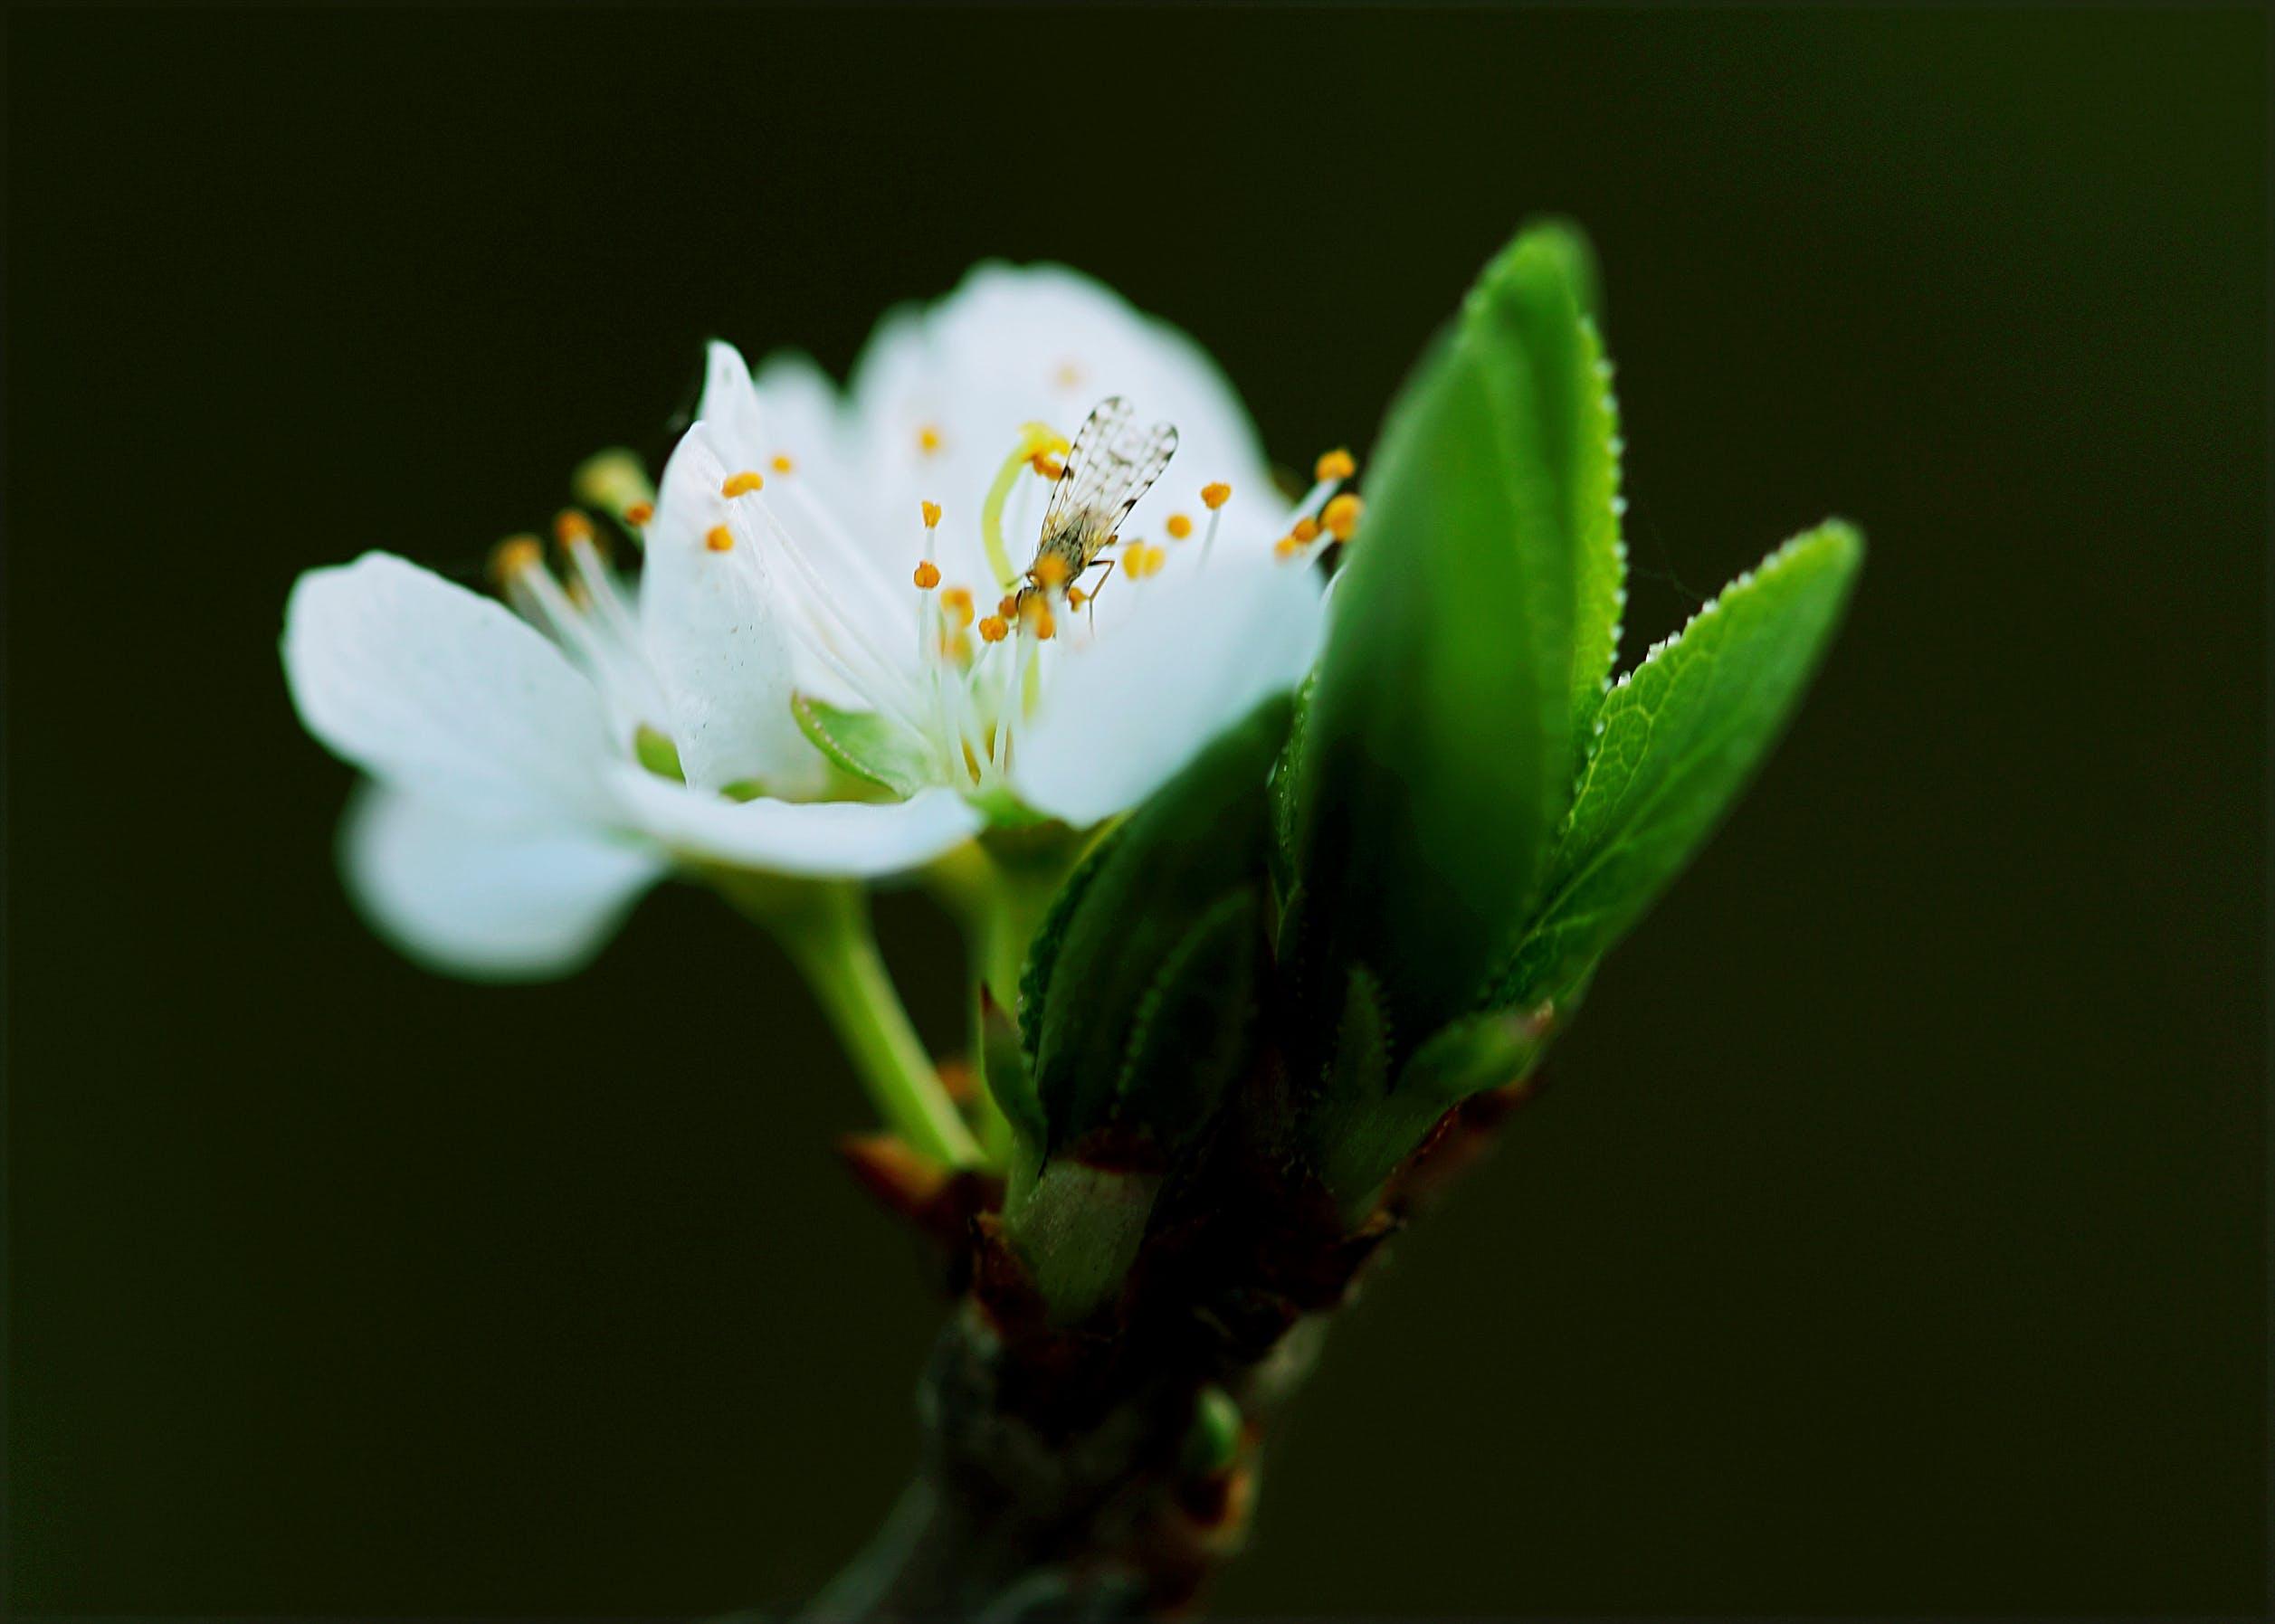 Gratis lagerfoto af blomst, blomster, close-up, flora